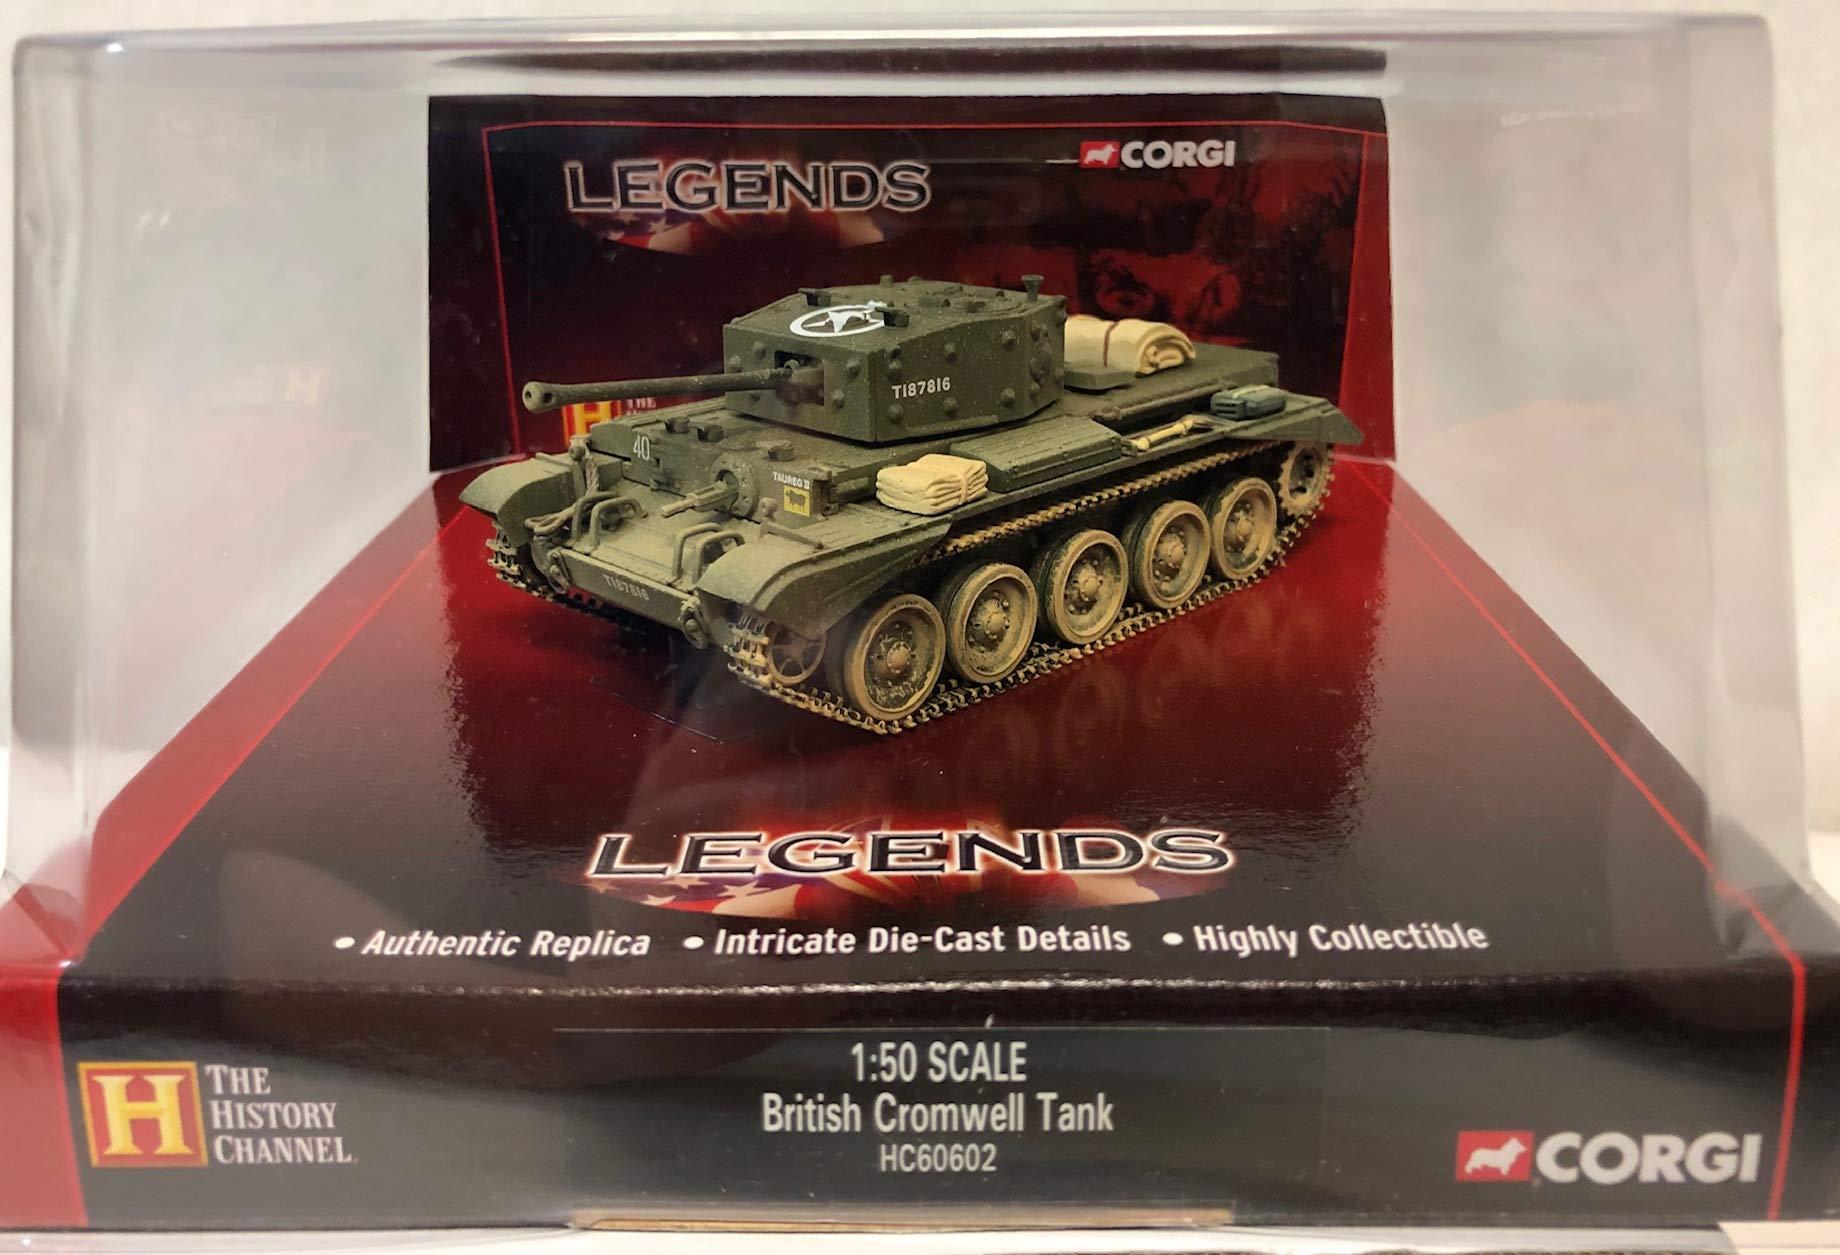 Corgi Legends British Cromwell Tank 1:50 Scale HC60602